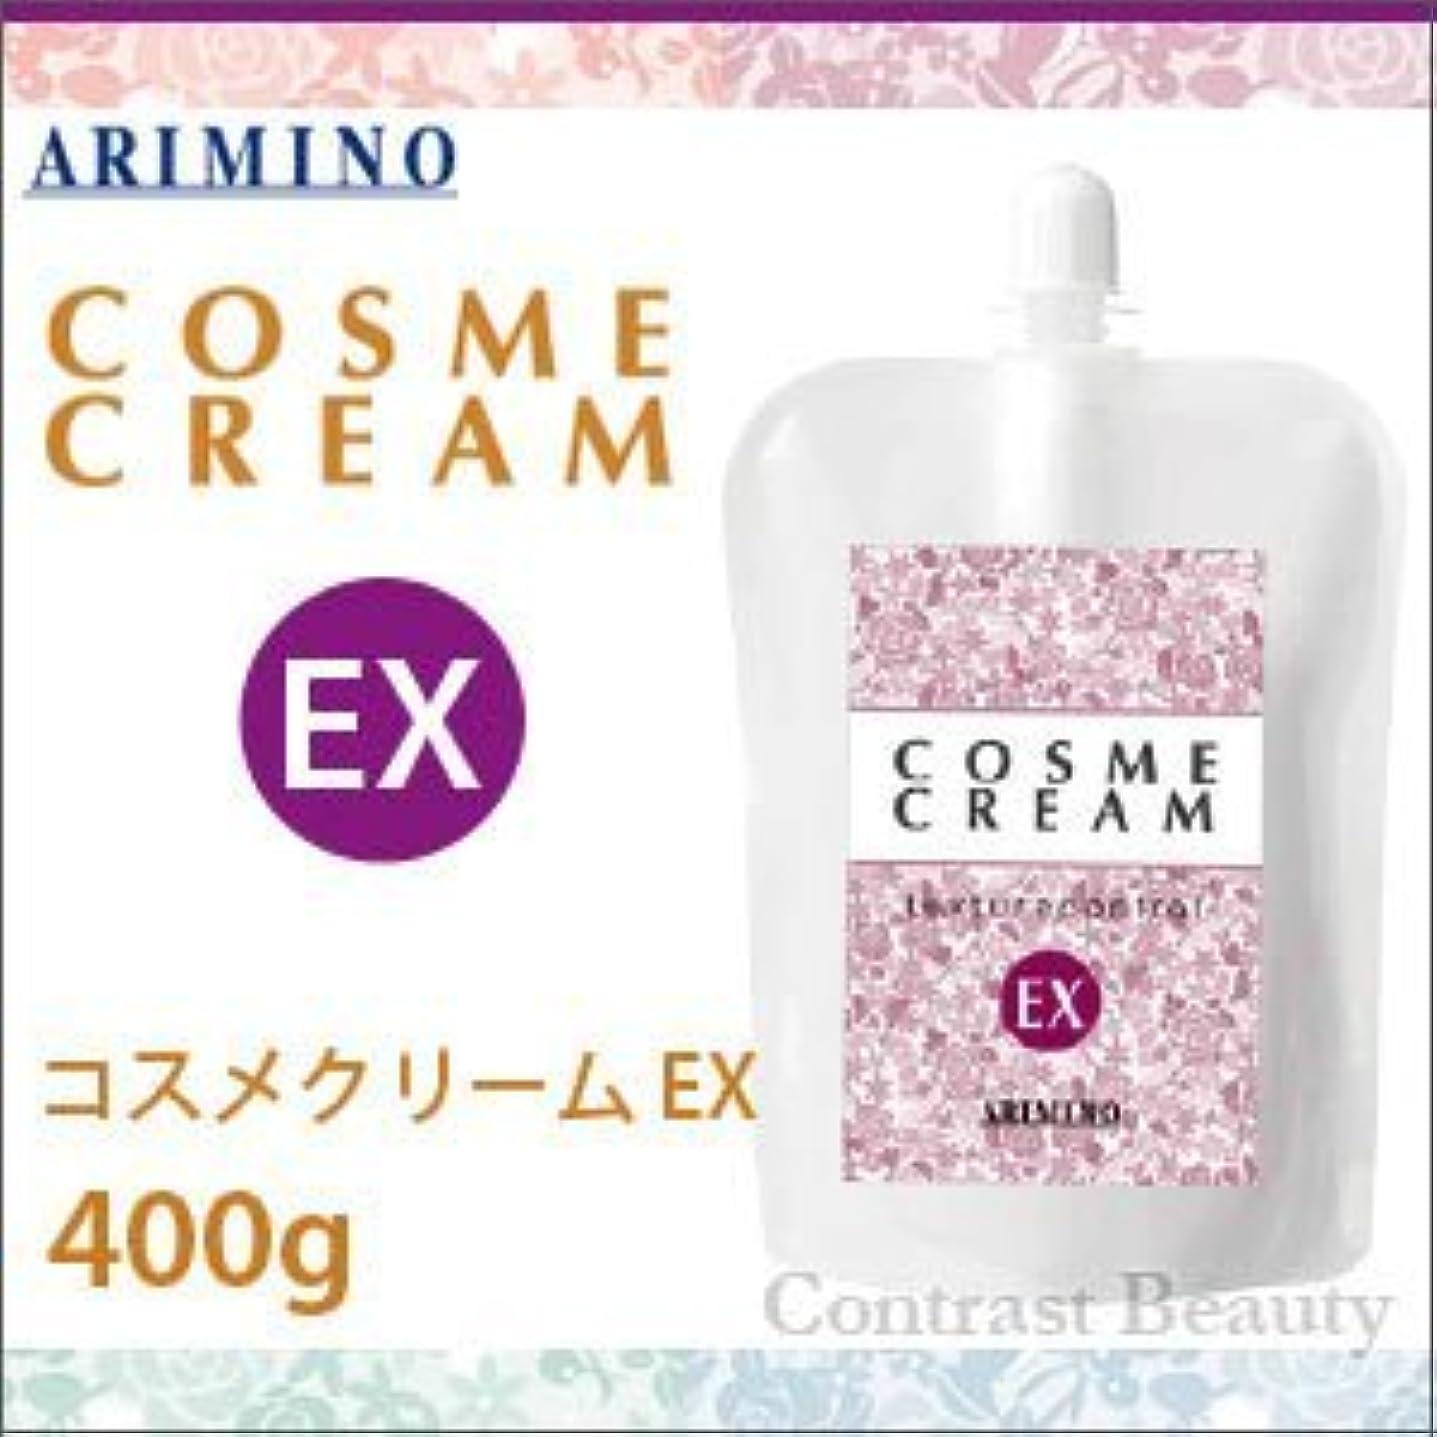 テザー不測の事態繁栄するアリミノ コスメクリーム EX 400g